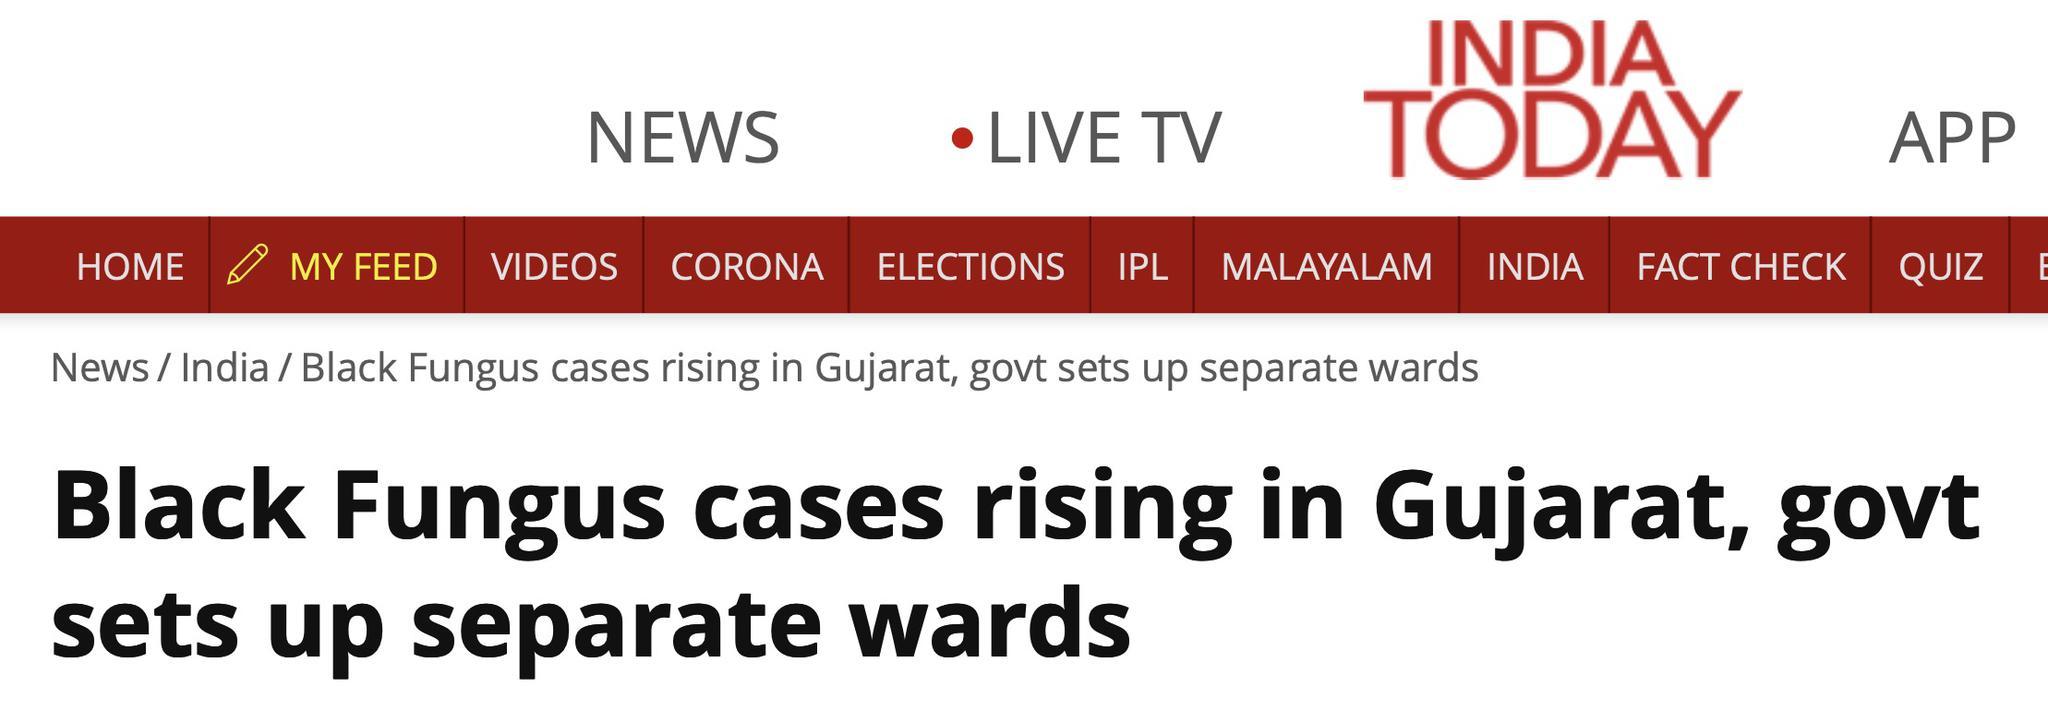 疫情肆虐之际,印度多名新冠患者康复后感染真菌失明或死亡